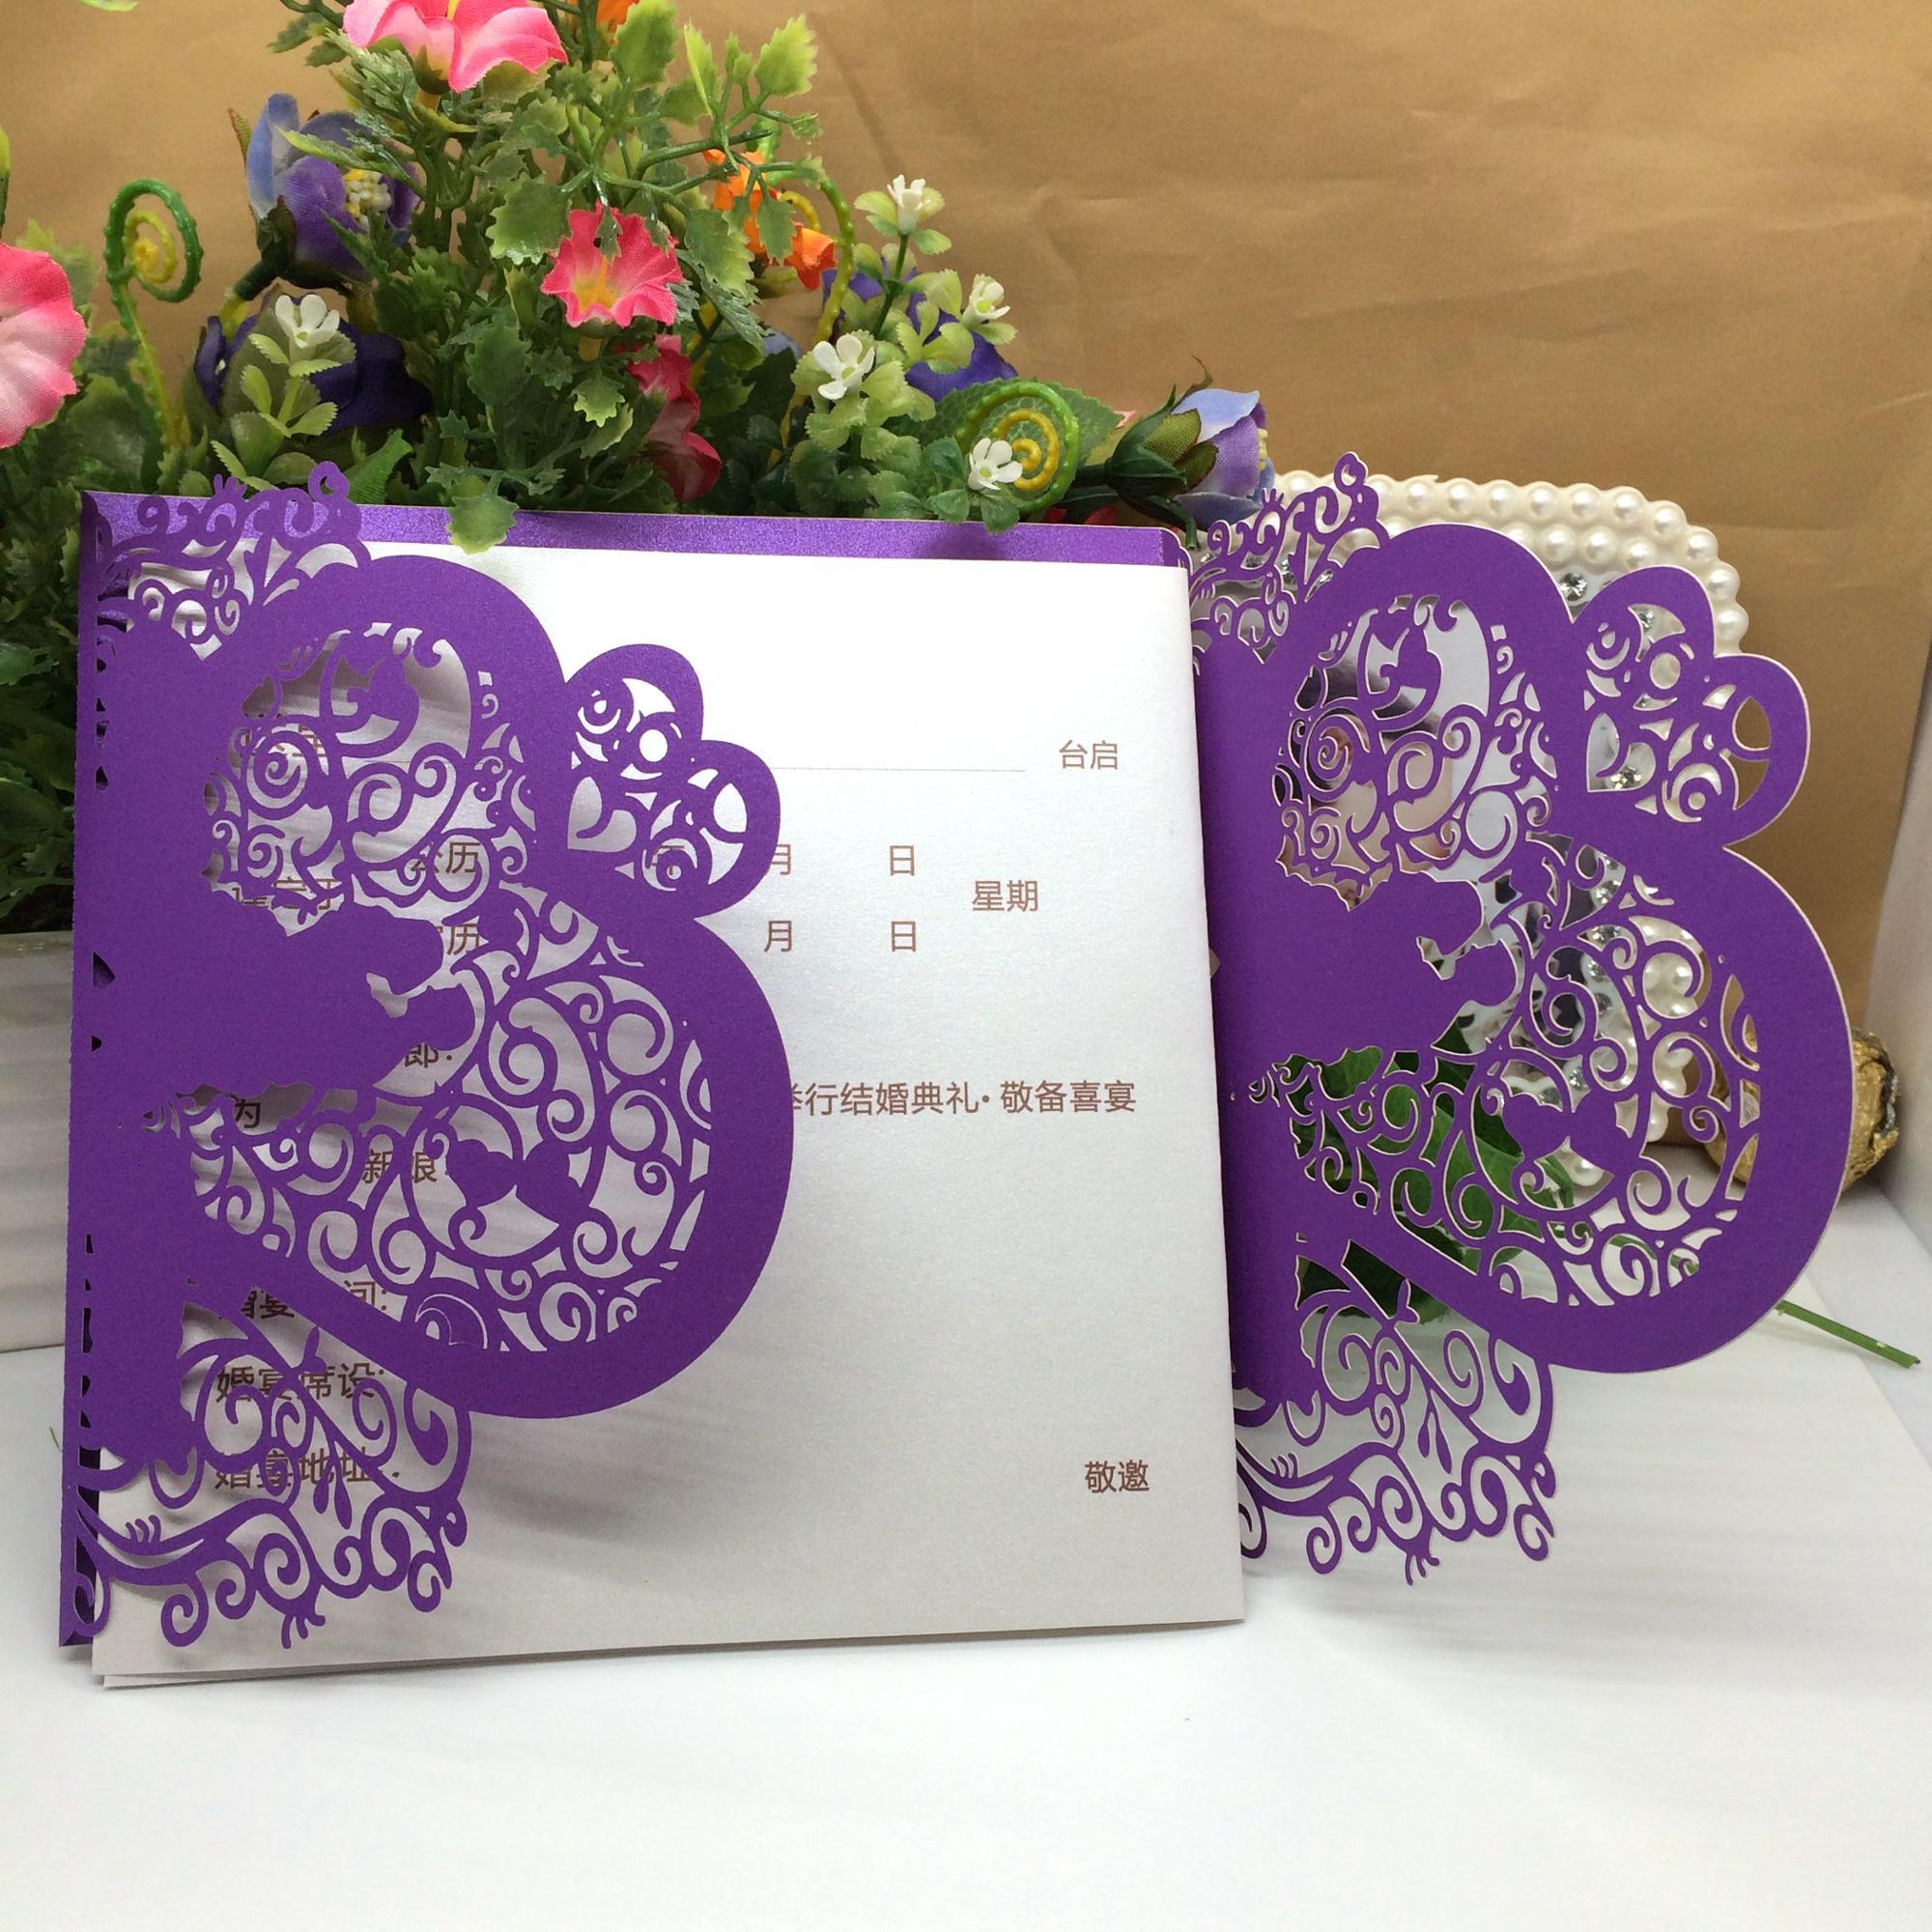 Lujo Boda Cristiana Tarjeta De Felicitación Personalizada Newwedding Diseño De Tarjeta De Invitación Buy Invitación De Boda Invitación De Boda